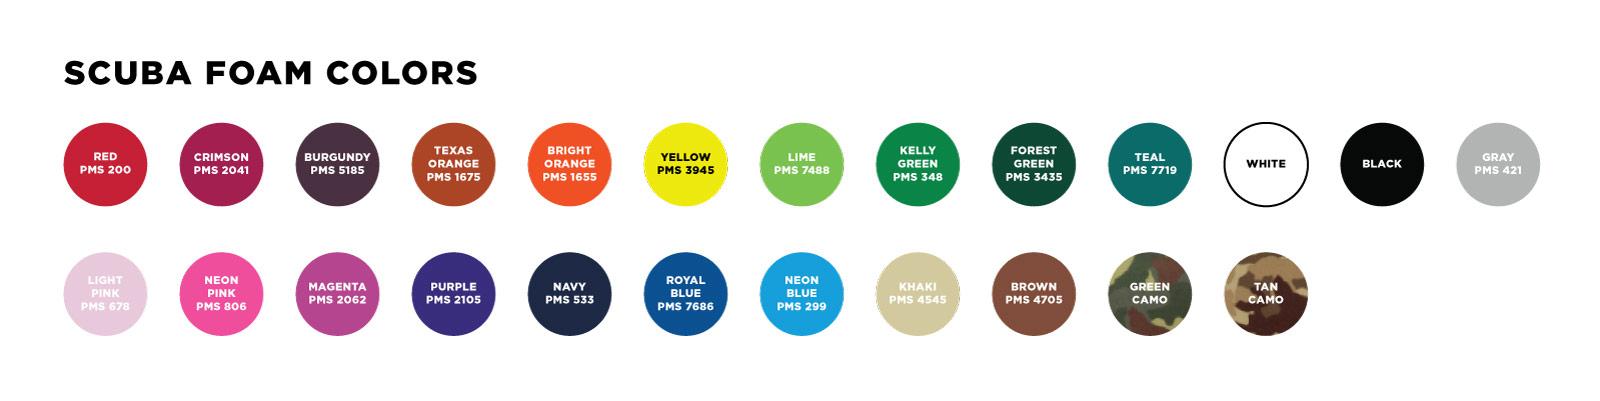 scuba_color_chart